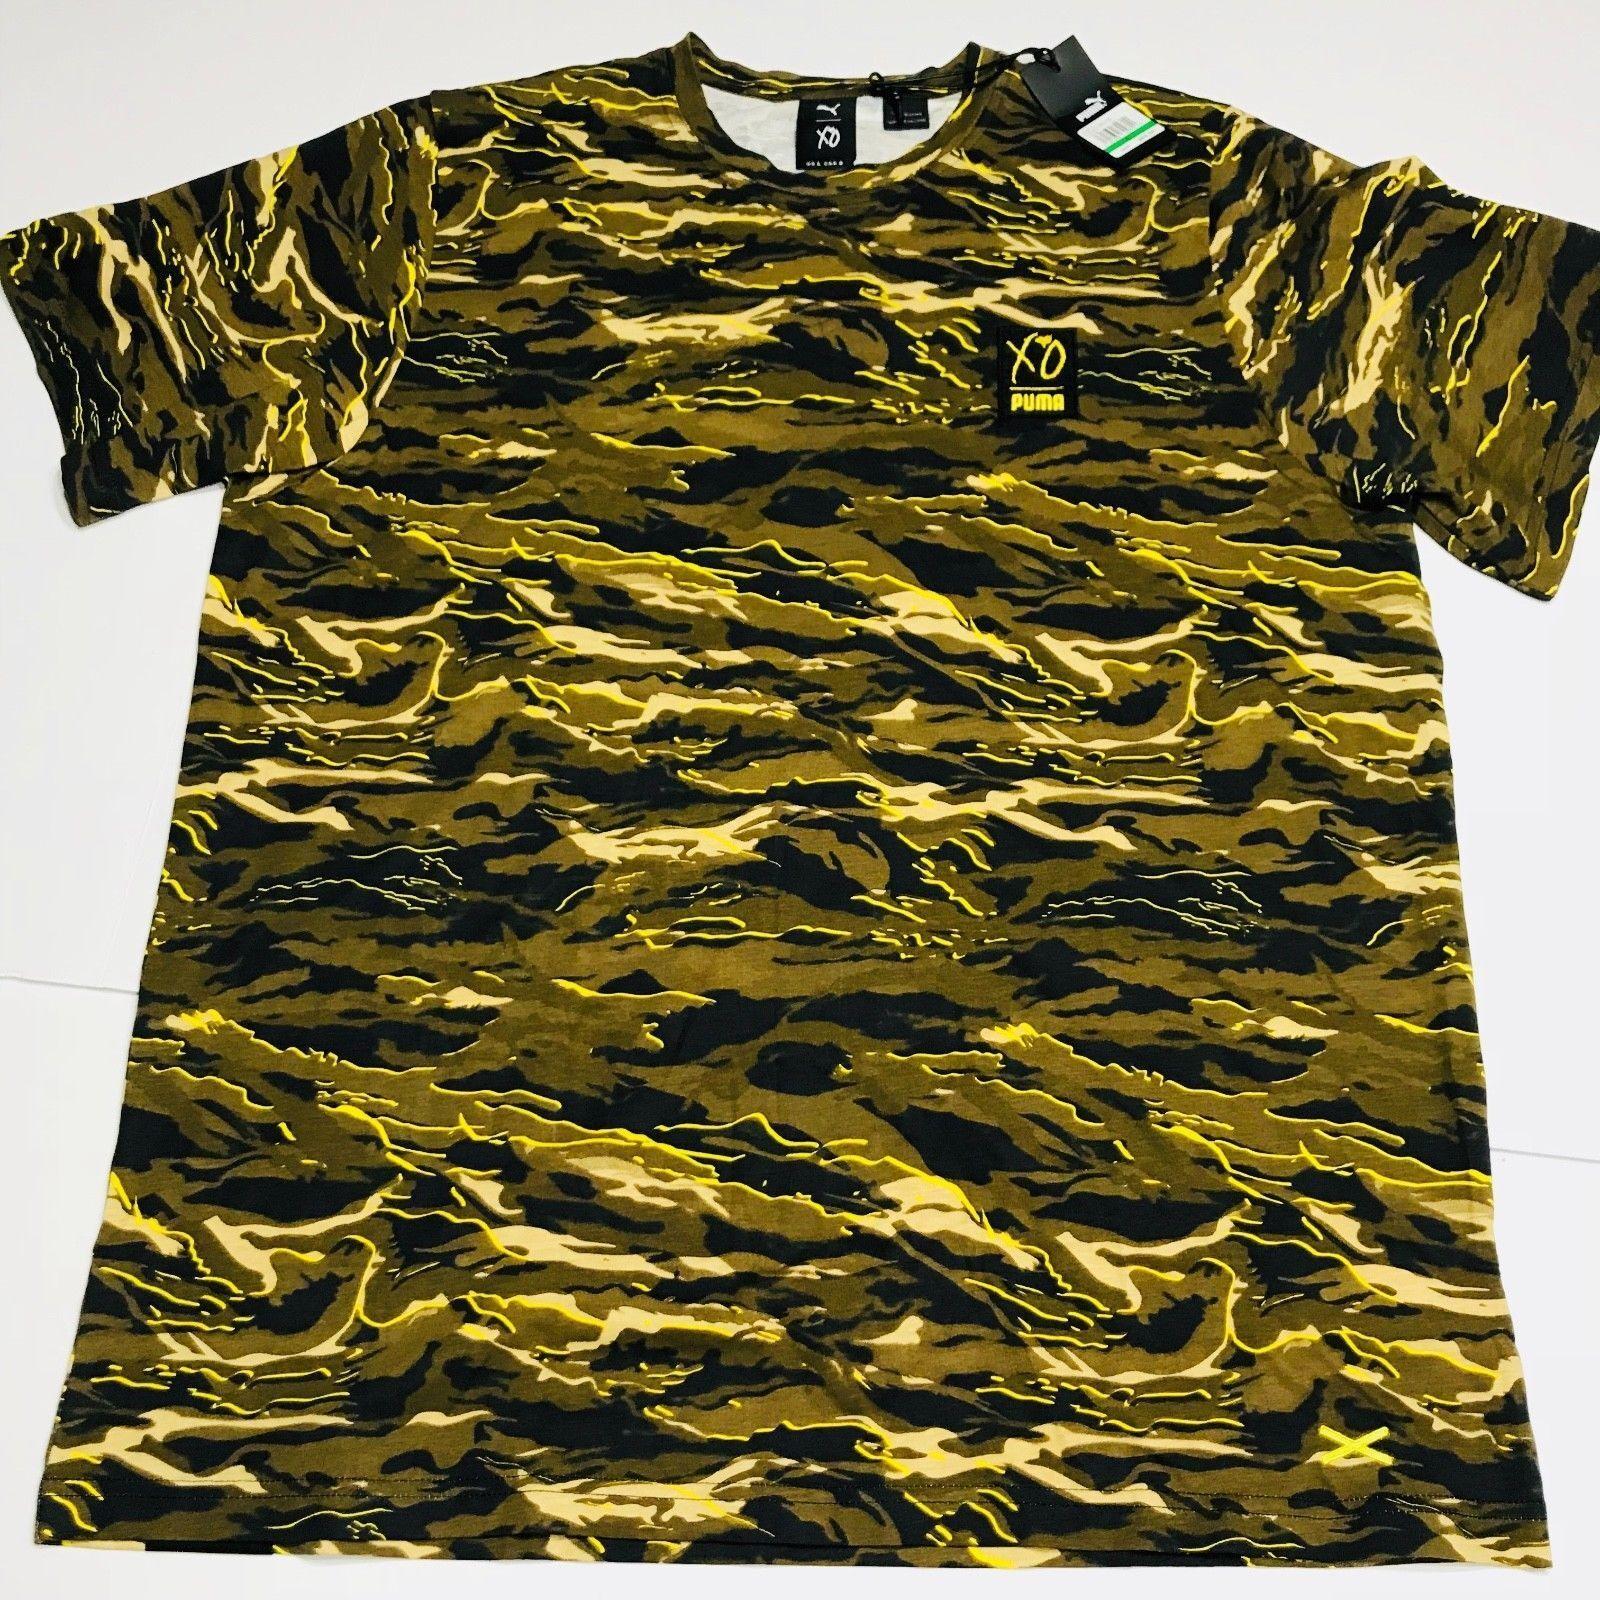 20549e846ba XO Graphic T Shirt Source · PUMA X XO The Weeknd Graphic Tee Shirt T Camo  Camouflage AOP Large